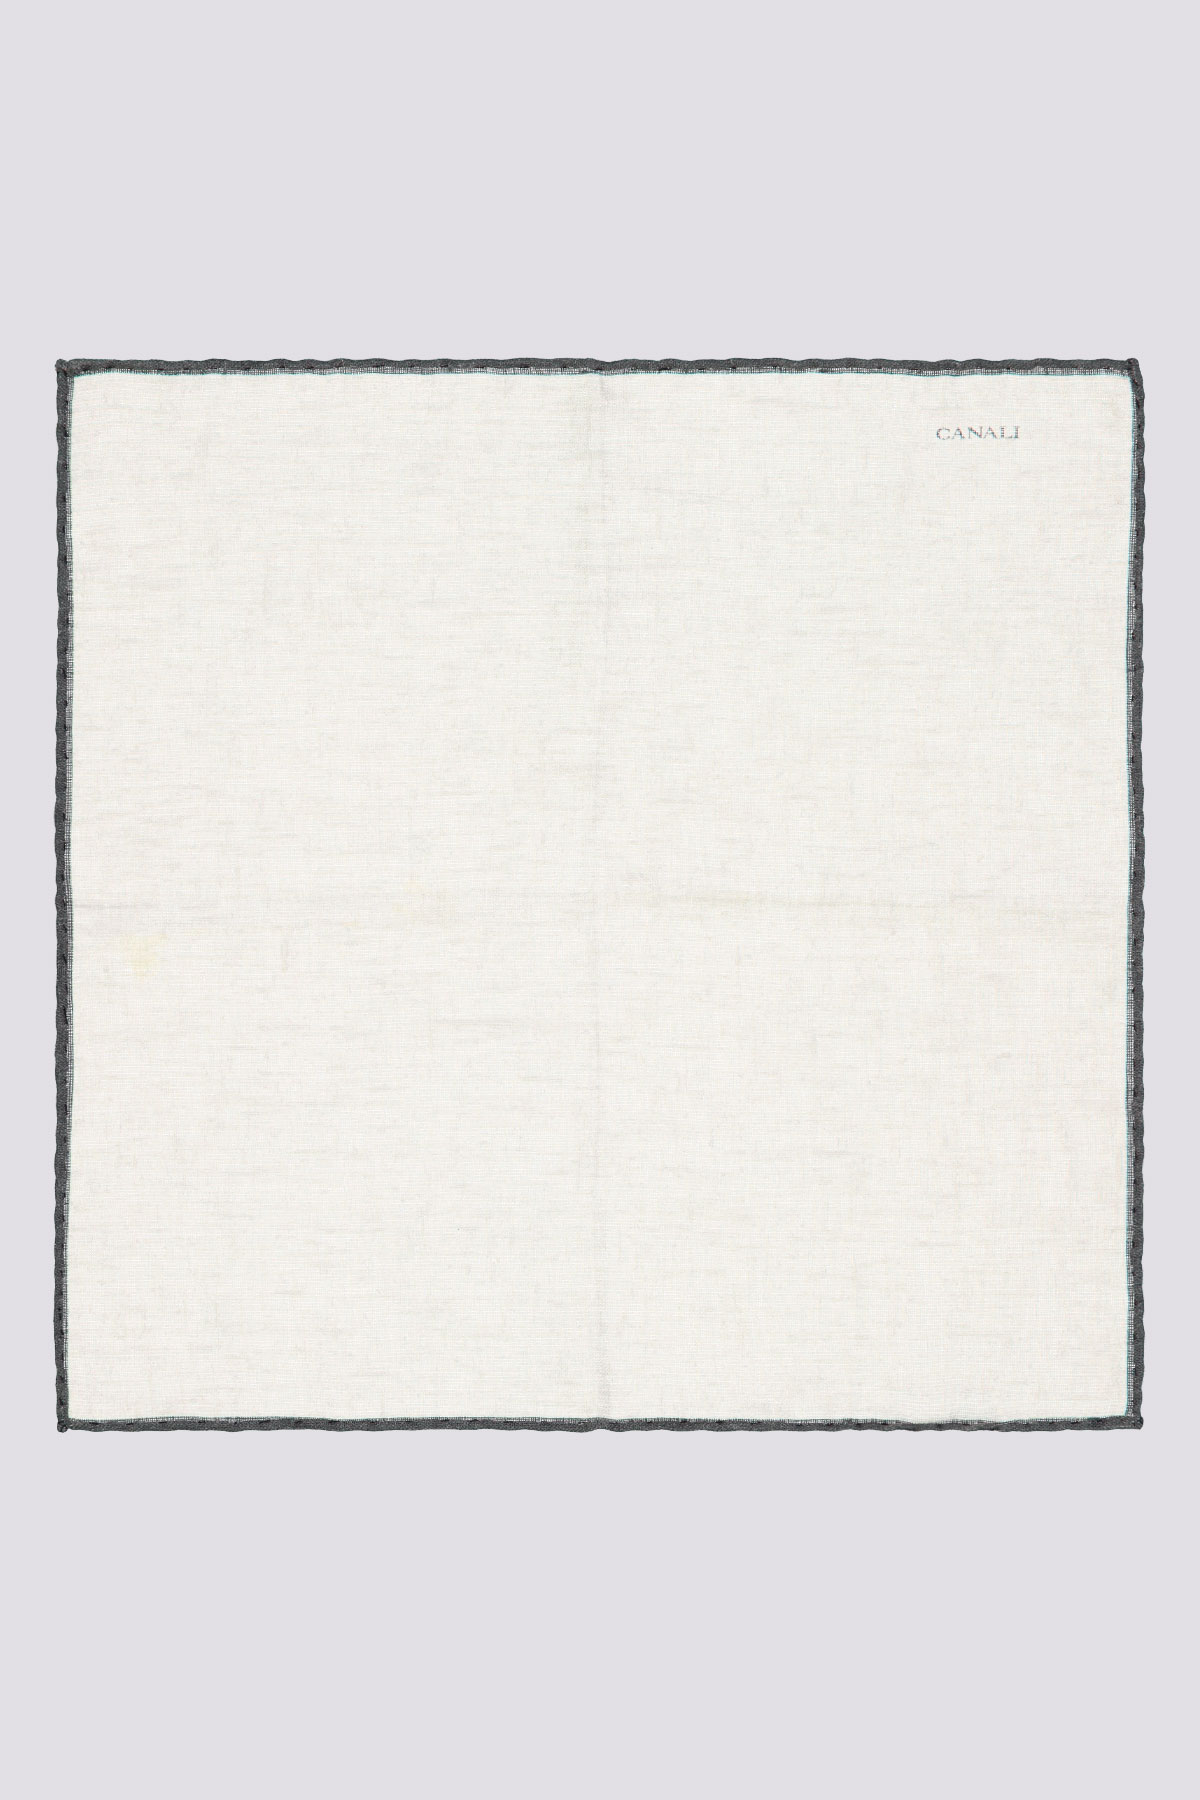 Pañuelo blanco marca CANALI con ribete  a contraste